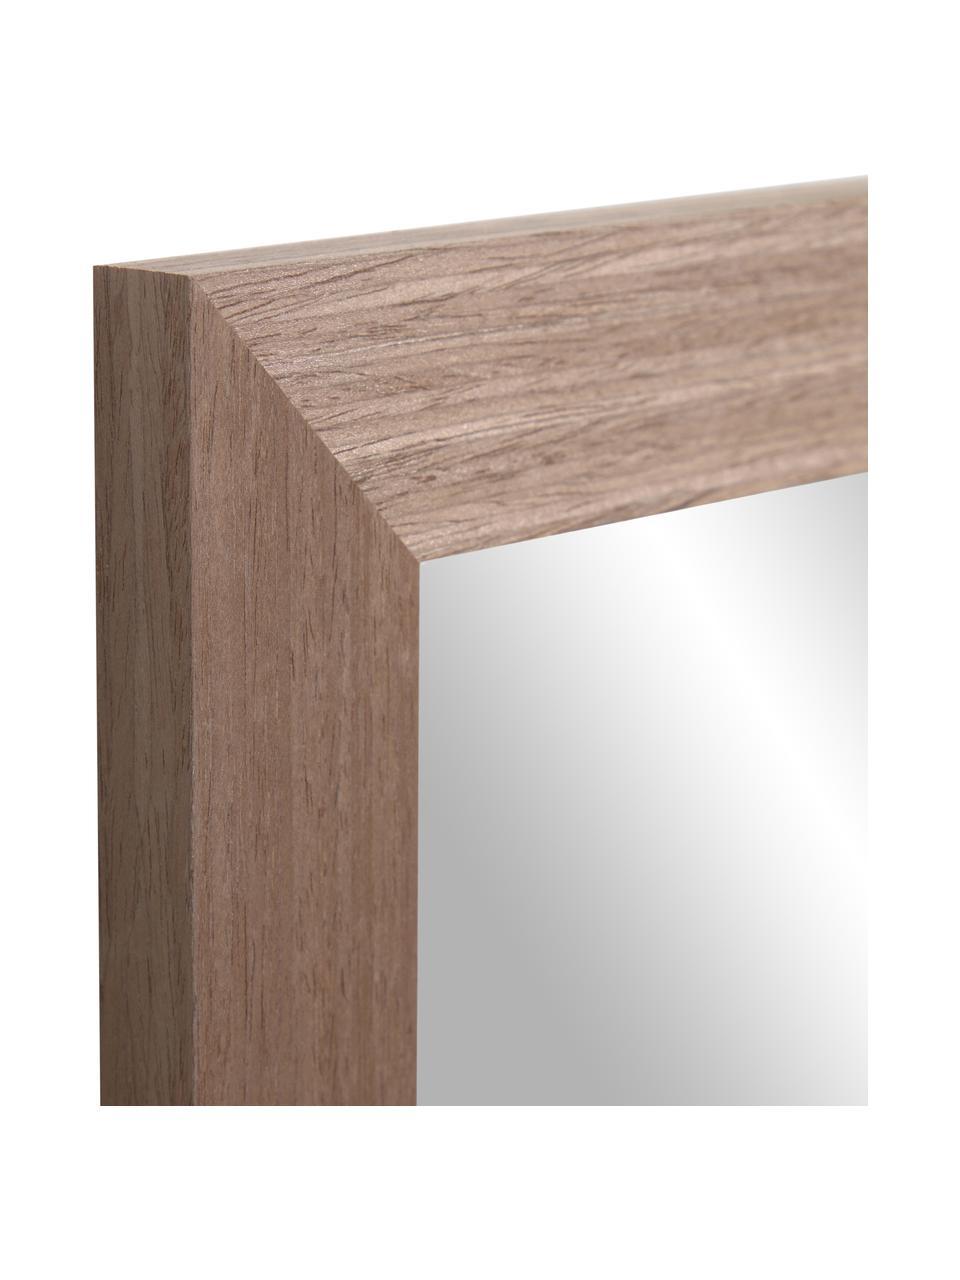 Wandspiegel Wilany met met houten lijst, Lijst: hout, Donkerbruin, 47 x 58 cm